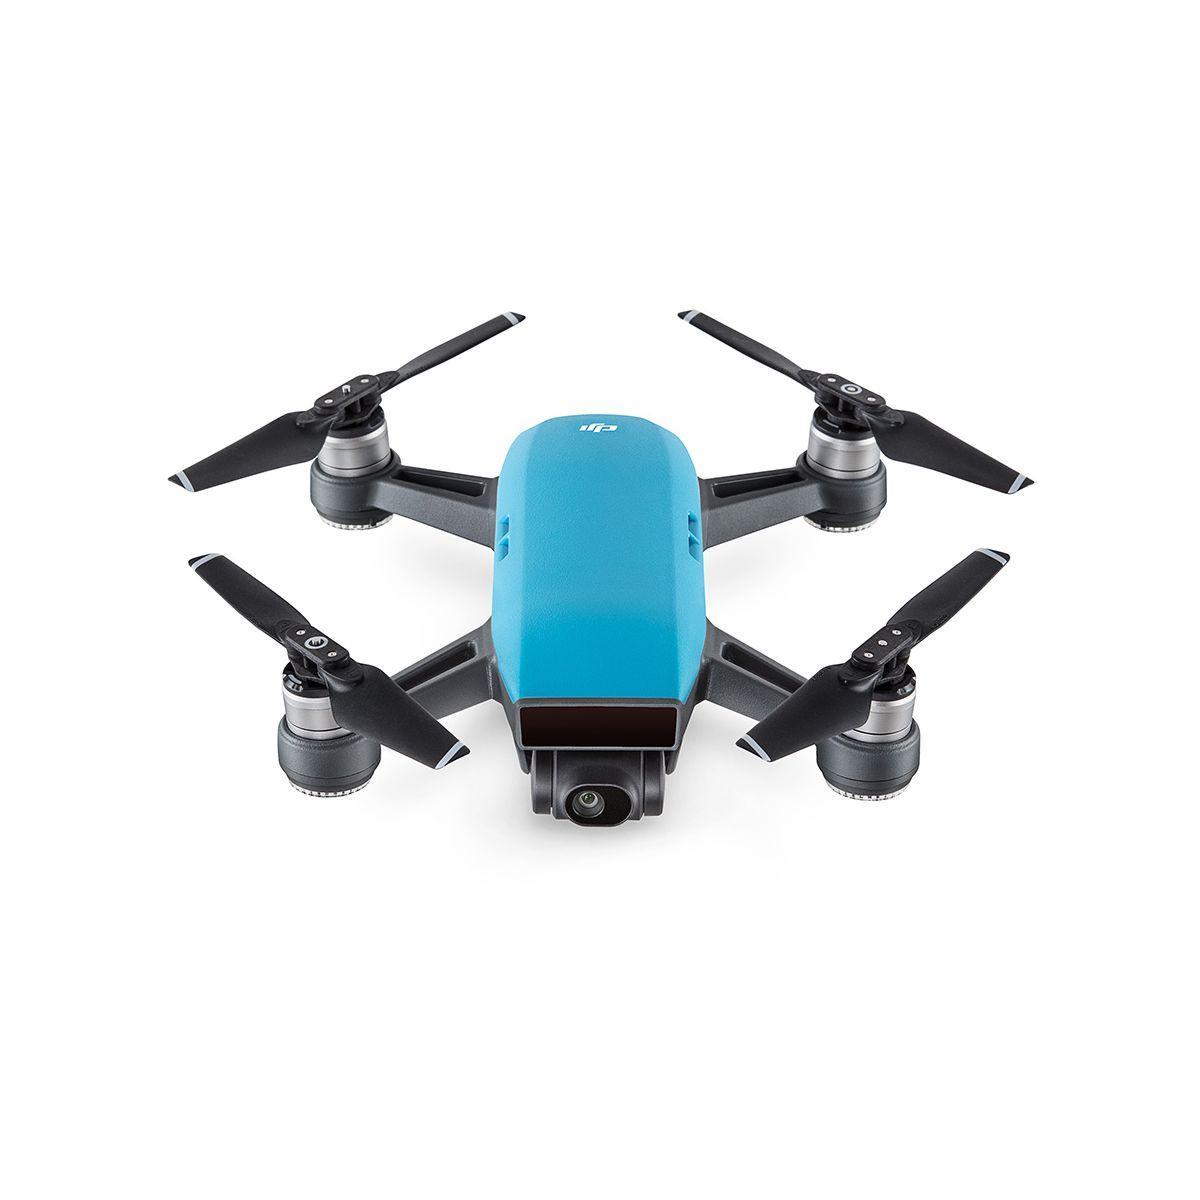 Drones dji spark fly more combo bleu - 10% de remise imm�diate avec le code : paques10 (photo)